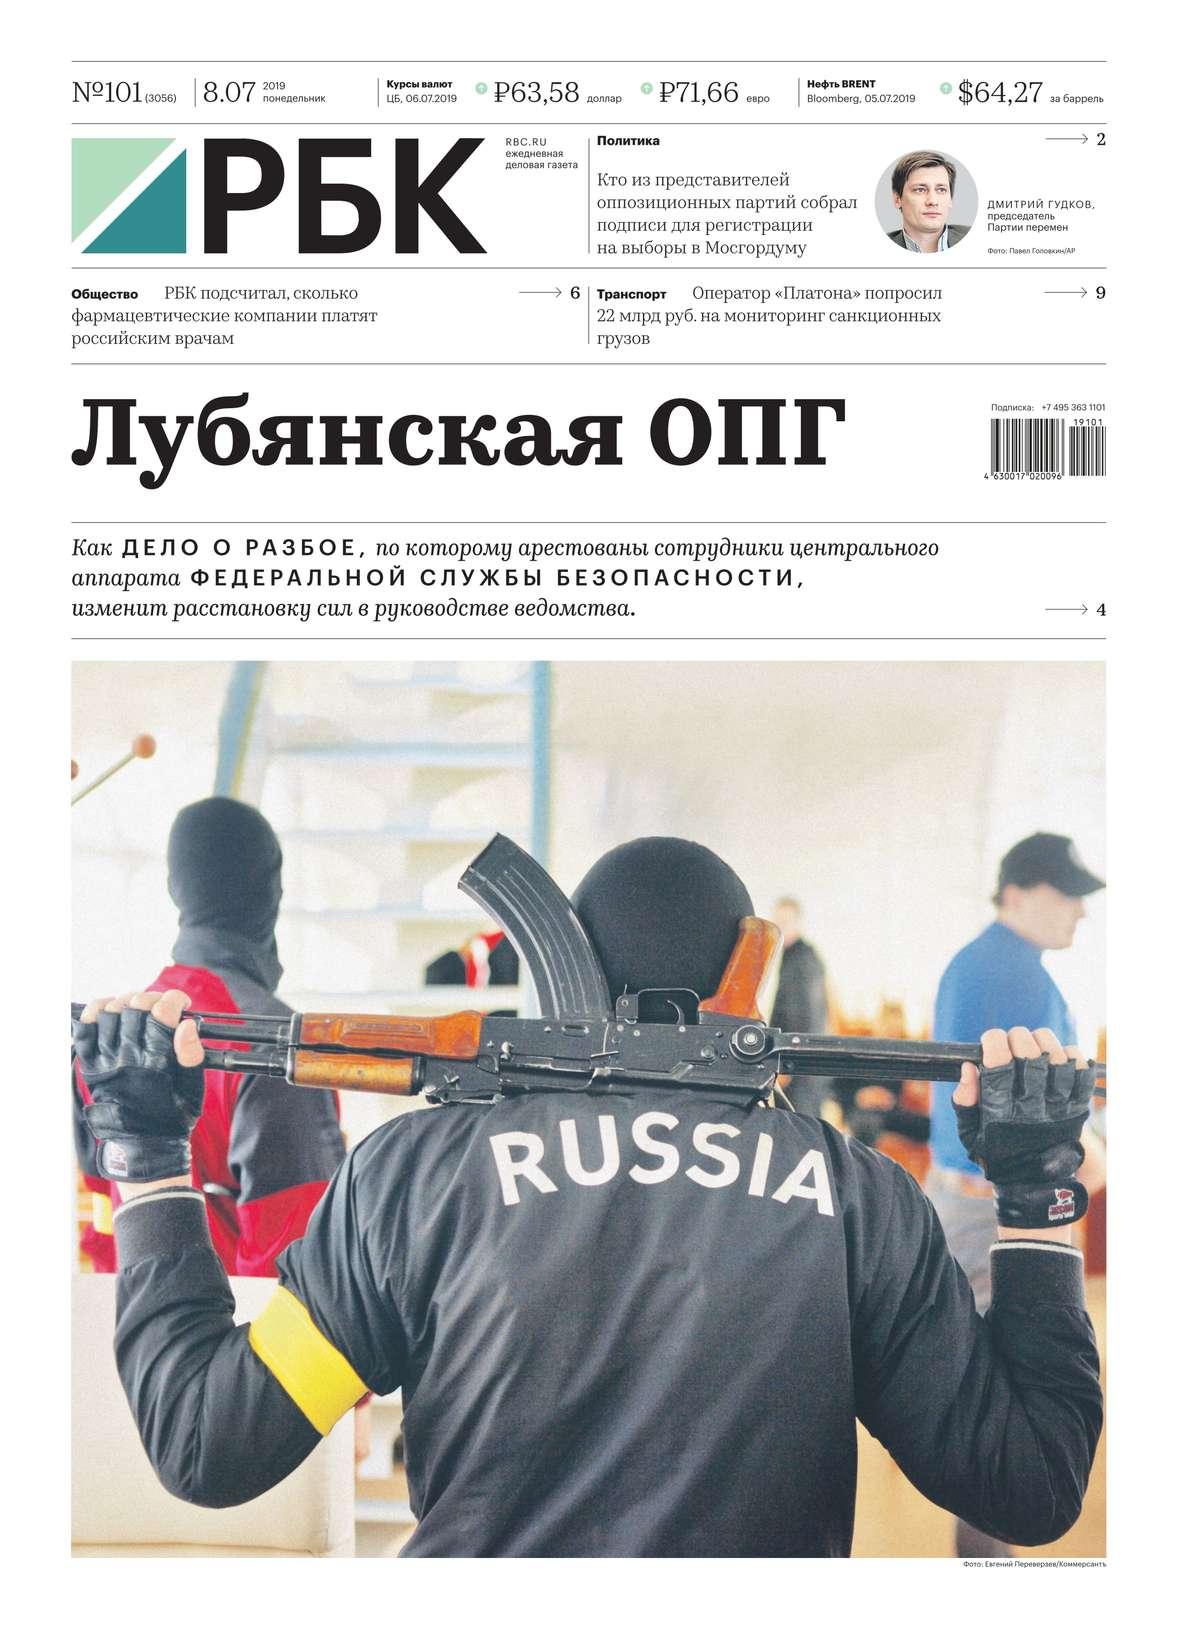 Ежедневная Деловая Газета Рбк 101-2019